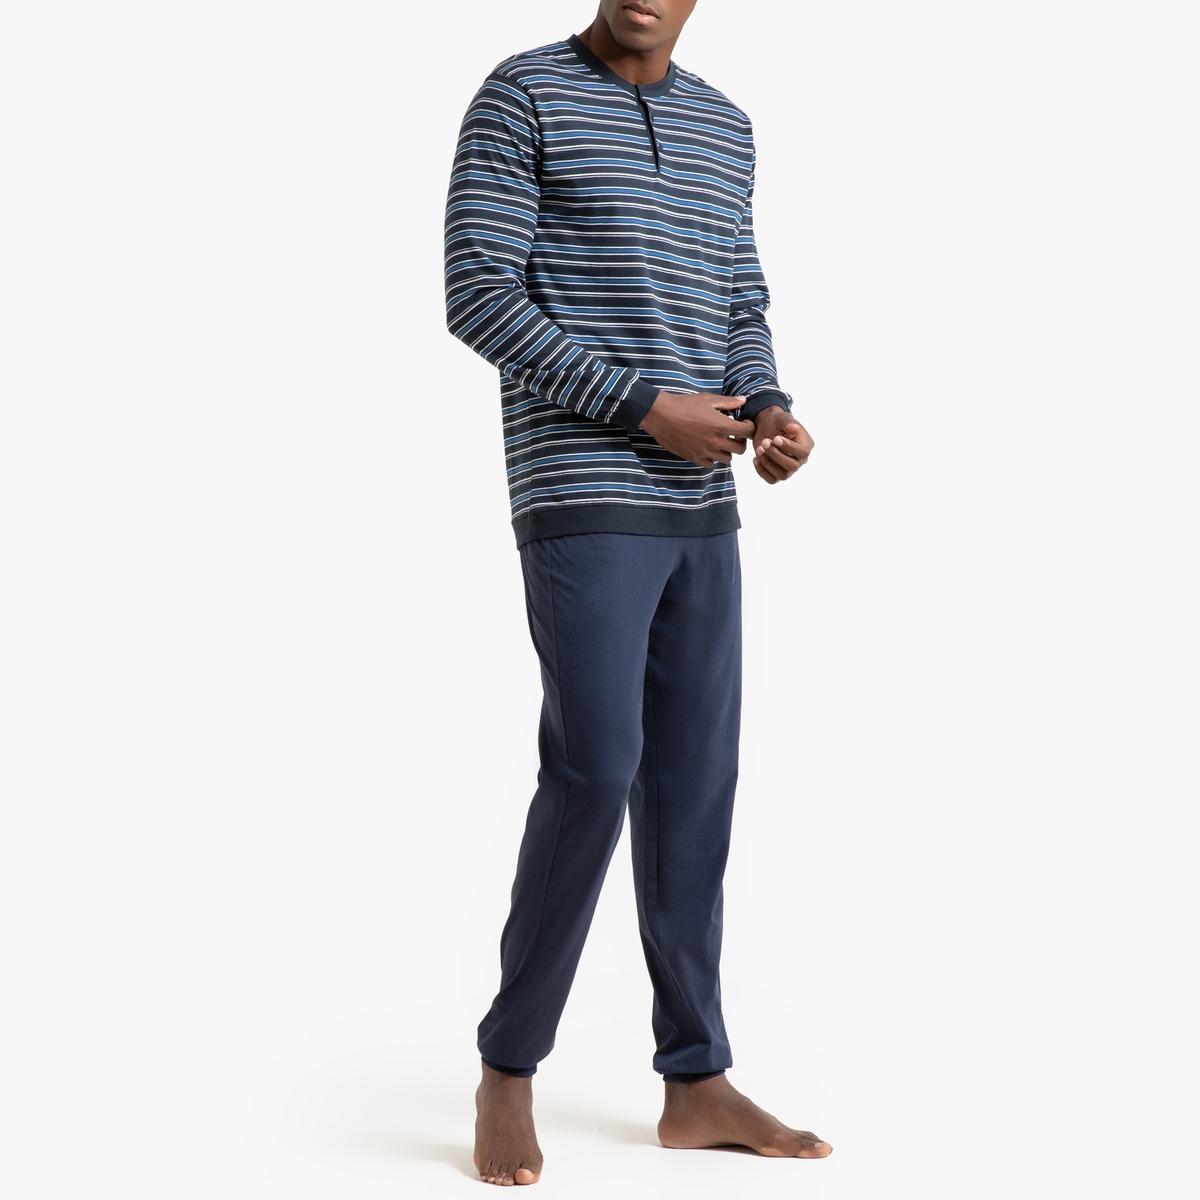 Пижама La Redoute Из хлопка джерси XL синий футболка с тунисским вырезом из 100% хлопка с эффектом фламме